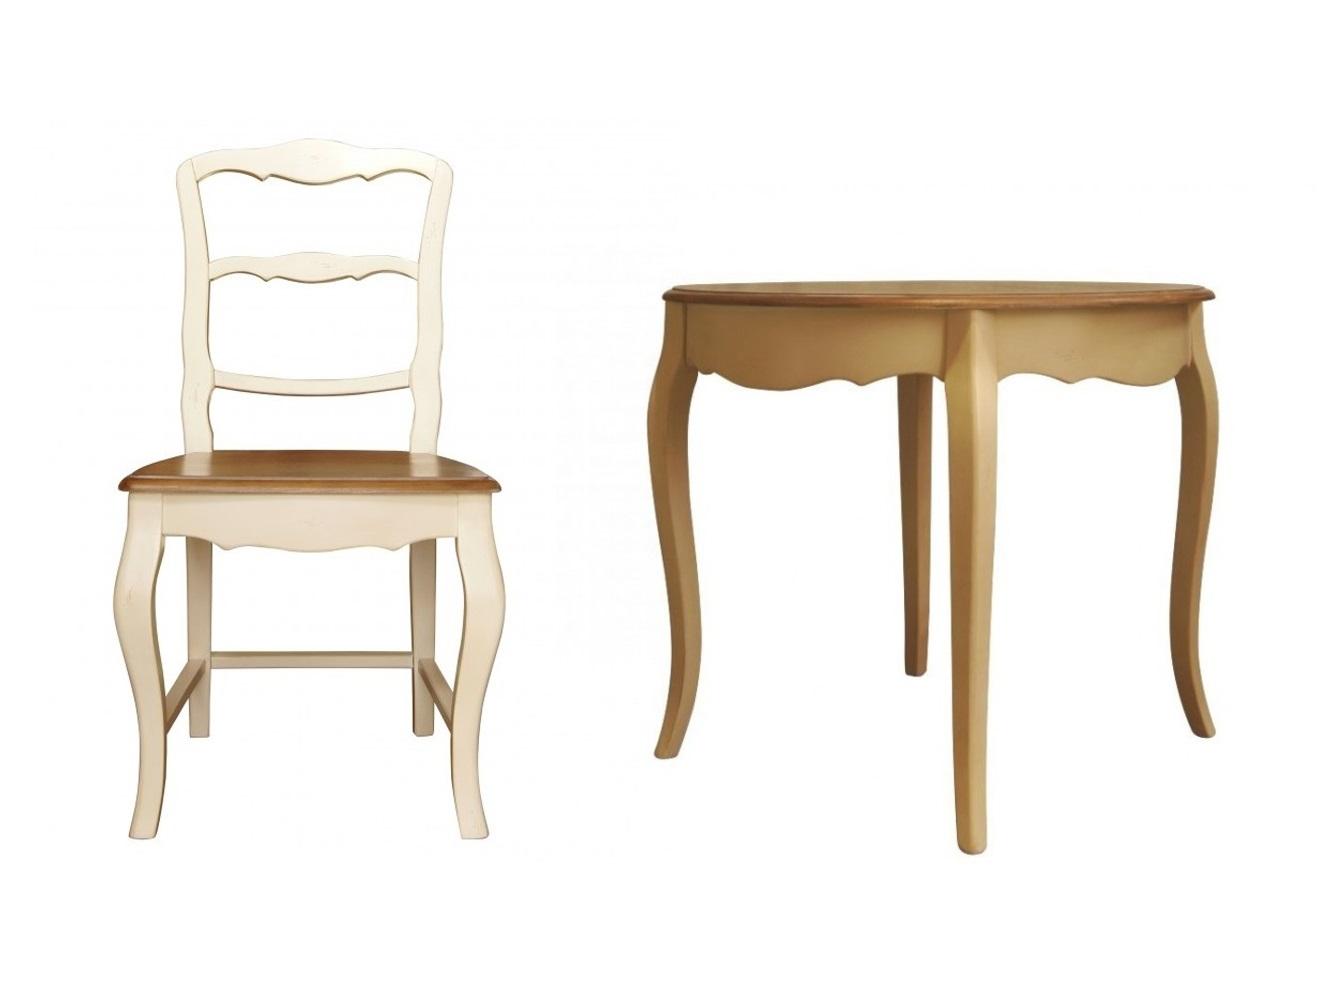 Обеденная группа Leontina (стол + 4 стула)Комплекты для столовой<br>&amp;lt;div&amp;gt;&amp;lt;span style=&amp;quot;font-size: 14px;&amp;quot;&amp;gt;Чем можно заинтересовать в отсутствии яркой отделки? Конечно, изяществом пропорций. Именно они, такие волнующие и чувственные, позволяют комплекту &amp;quot;Leontina&amp;quot; источать притягательность. В многочисленных изгибах резных деревянных деталей и кроется шарм прованского стиля, в котором выполнено оформление. Шарм скромный, нежный, но удивительно эффектный и грациозный, завораживающий с первого знакомства.&amp;lt;/span&amp;gt;&amp;lt;br&amp;gt;&amp;lt;/div&amp;gt;&amp;lt;div&amp;gt;&amp;lt;br&amp;gt;&amp;lt;/div&amp;gt;&amp;lt;div&amp;gt;&amp;lt;div&amp;gt;Круглый деревянный обеденный стол в стиле прованс.&amp;lt;/div&amp;gt;&amp;lt;div&amp;gt;Материал: Береза, ясень Вес: 15 кг&amp;lt;/div&amp;gt;&amp;lt;/div&amp;gt;&amp;lt;div&amp;gt;&amp;lt;br&amp;gt;&amp;lt;/div&amp;gt;&amp;lt;div&amp;gt;&amp;lt;div&amp;gt;Размеры стола:&amp;amp;nbsp;90/90/76&amp;lt;/div&amp;gt;&amp;lt;div&amp;gt;Материал стола: береза&amp;lt;/div&amp;gt;&amp;lt;div&amp;gt;Размеры стула: 47/47/90&amp;lt;/div&amp;gt;&amp;lt;div&amp;gt;Материал стула: береза&amp;lt;/div&amp;gt;&amp;lt;/div&amp;gt;<br><br>Material: Береза<br>Length см: 90<br>Width см: 90<br>Depth см: None<br>Height см: 76<br>Diameter см: None